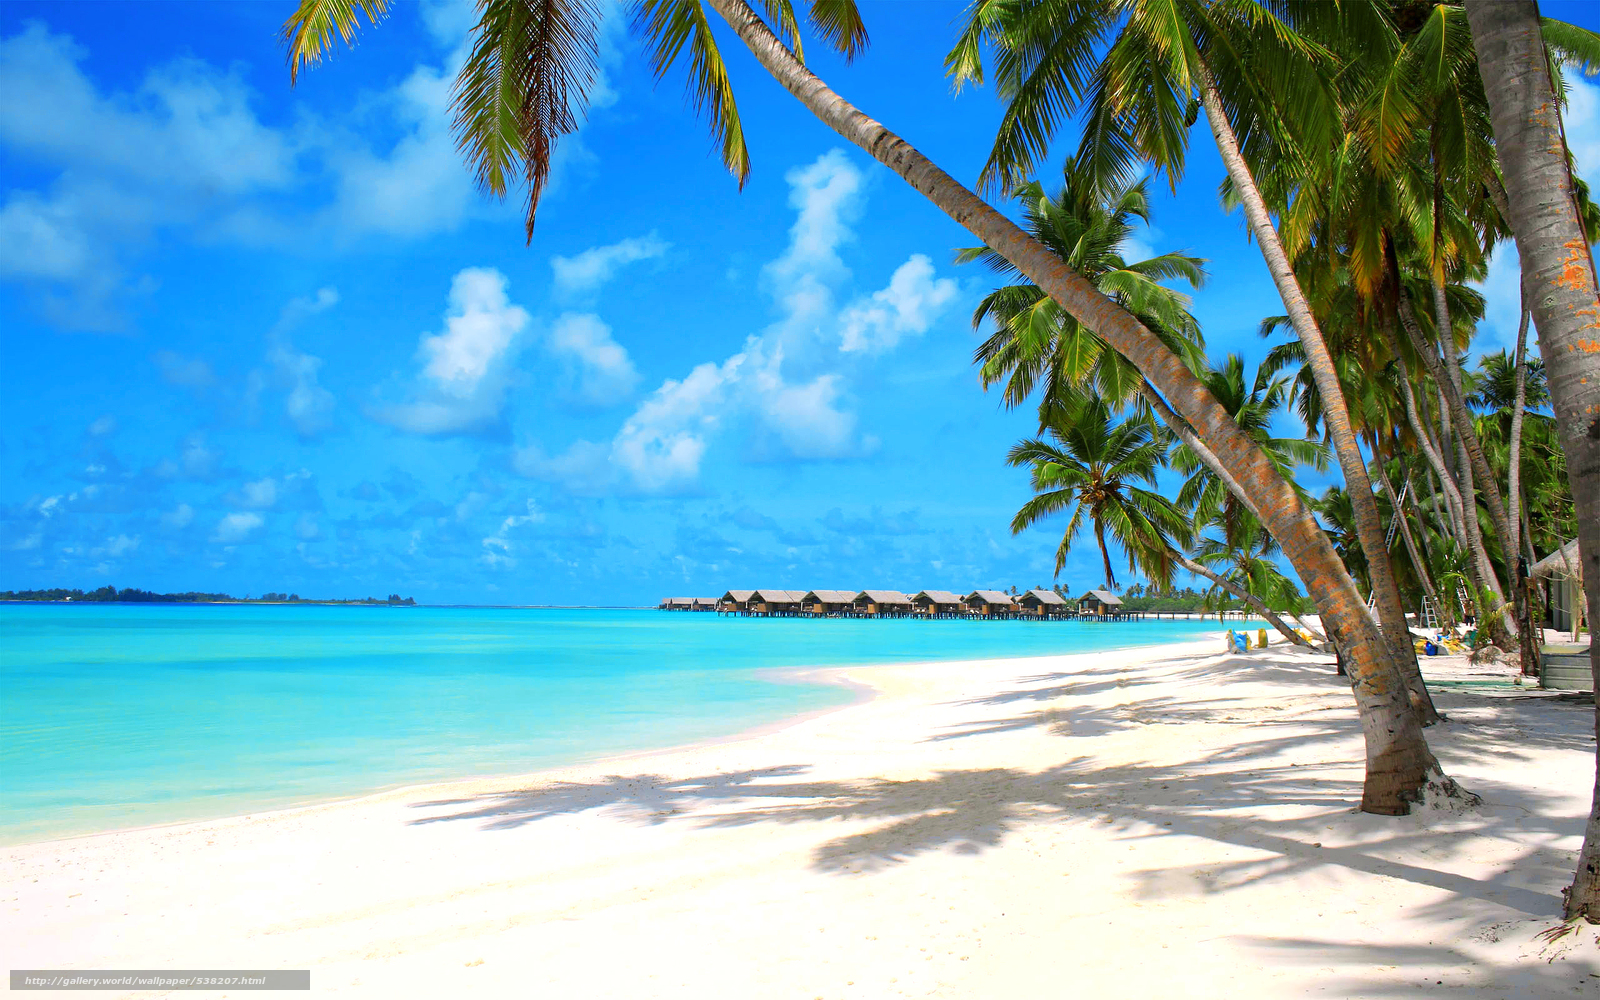 Scaricare gli sfondi tropici mare spiaggia sfondi gratis for Sfondi spiagge hd